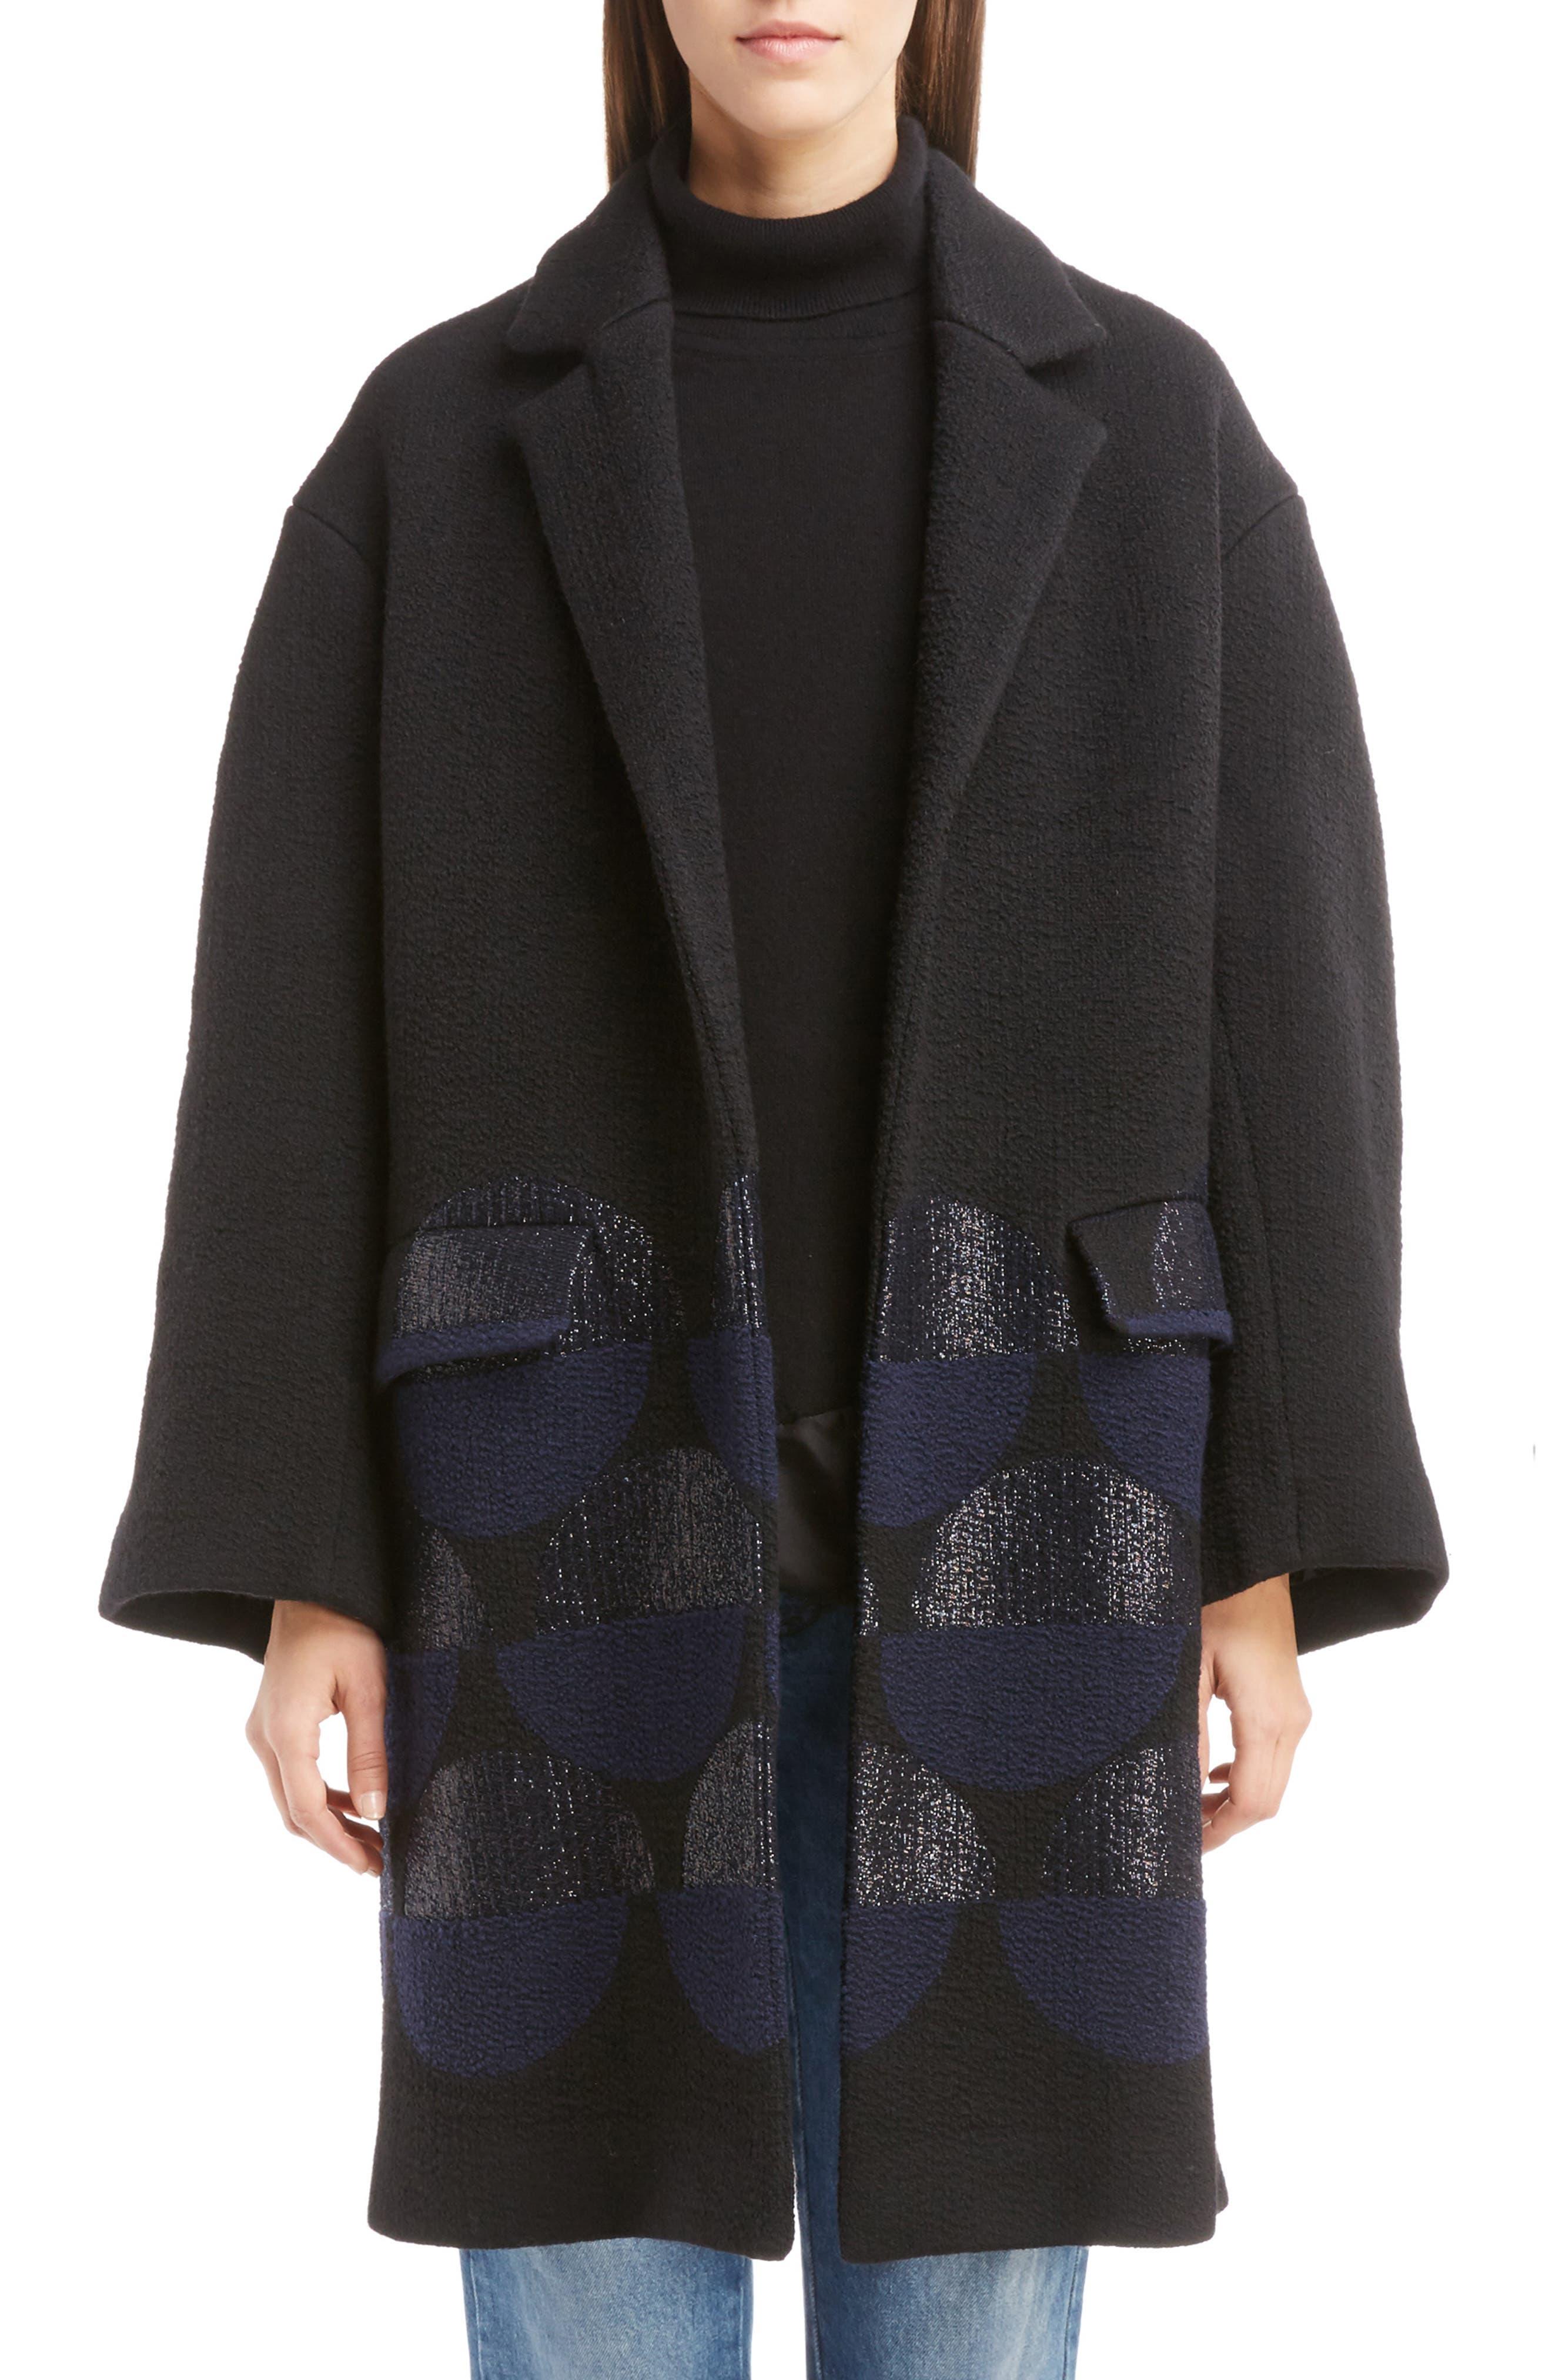 Main Image - Dries Van Noten Dot Print Wool Blend Coat (Nordstrom Exclusive)